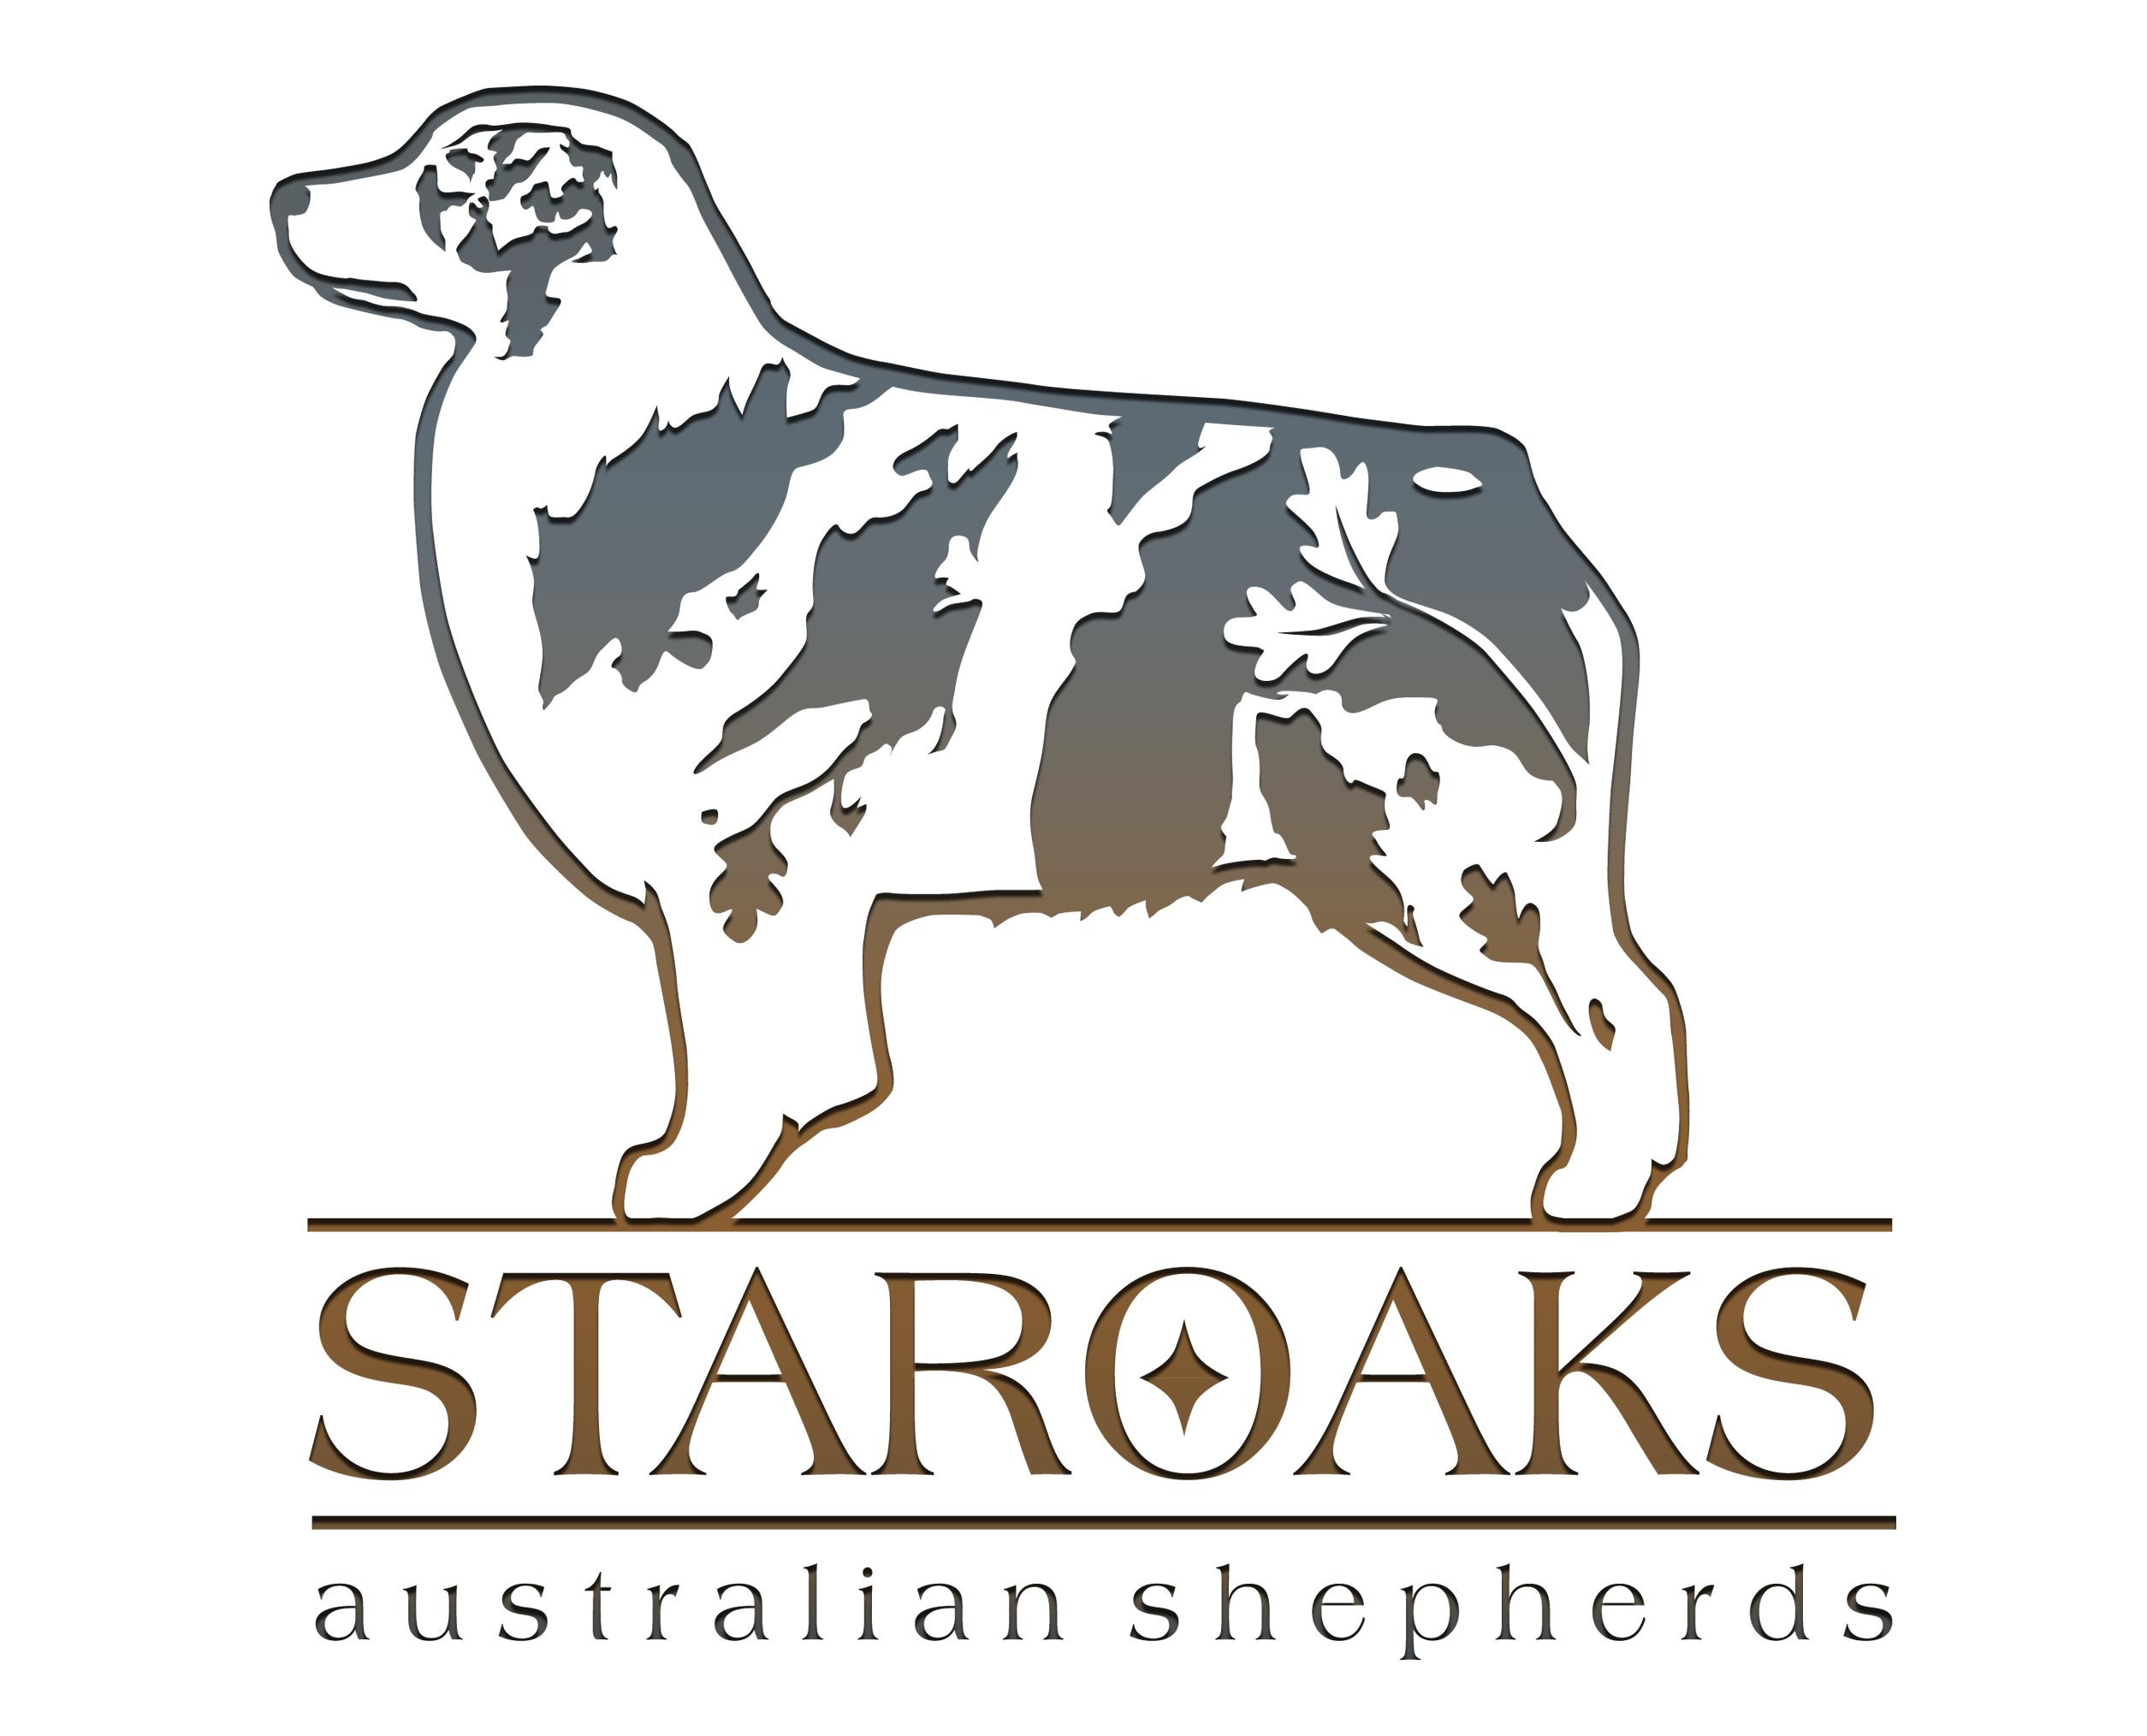 Staroaks